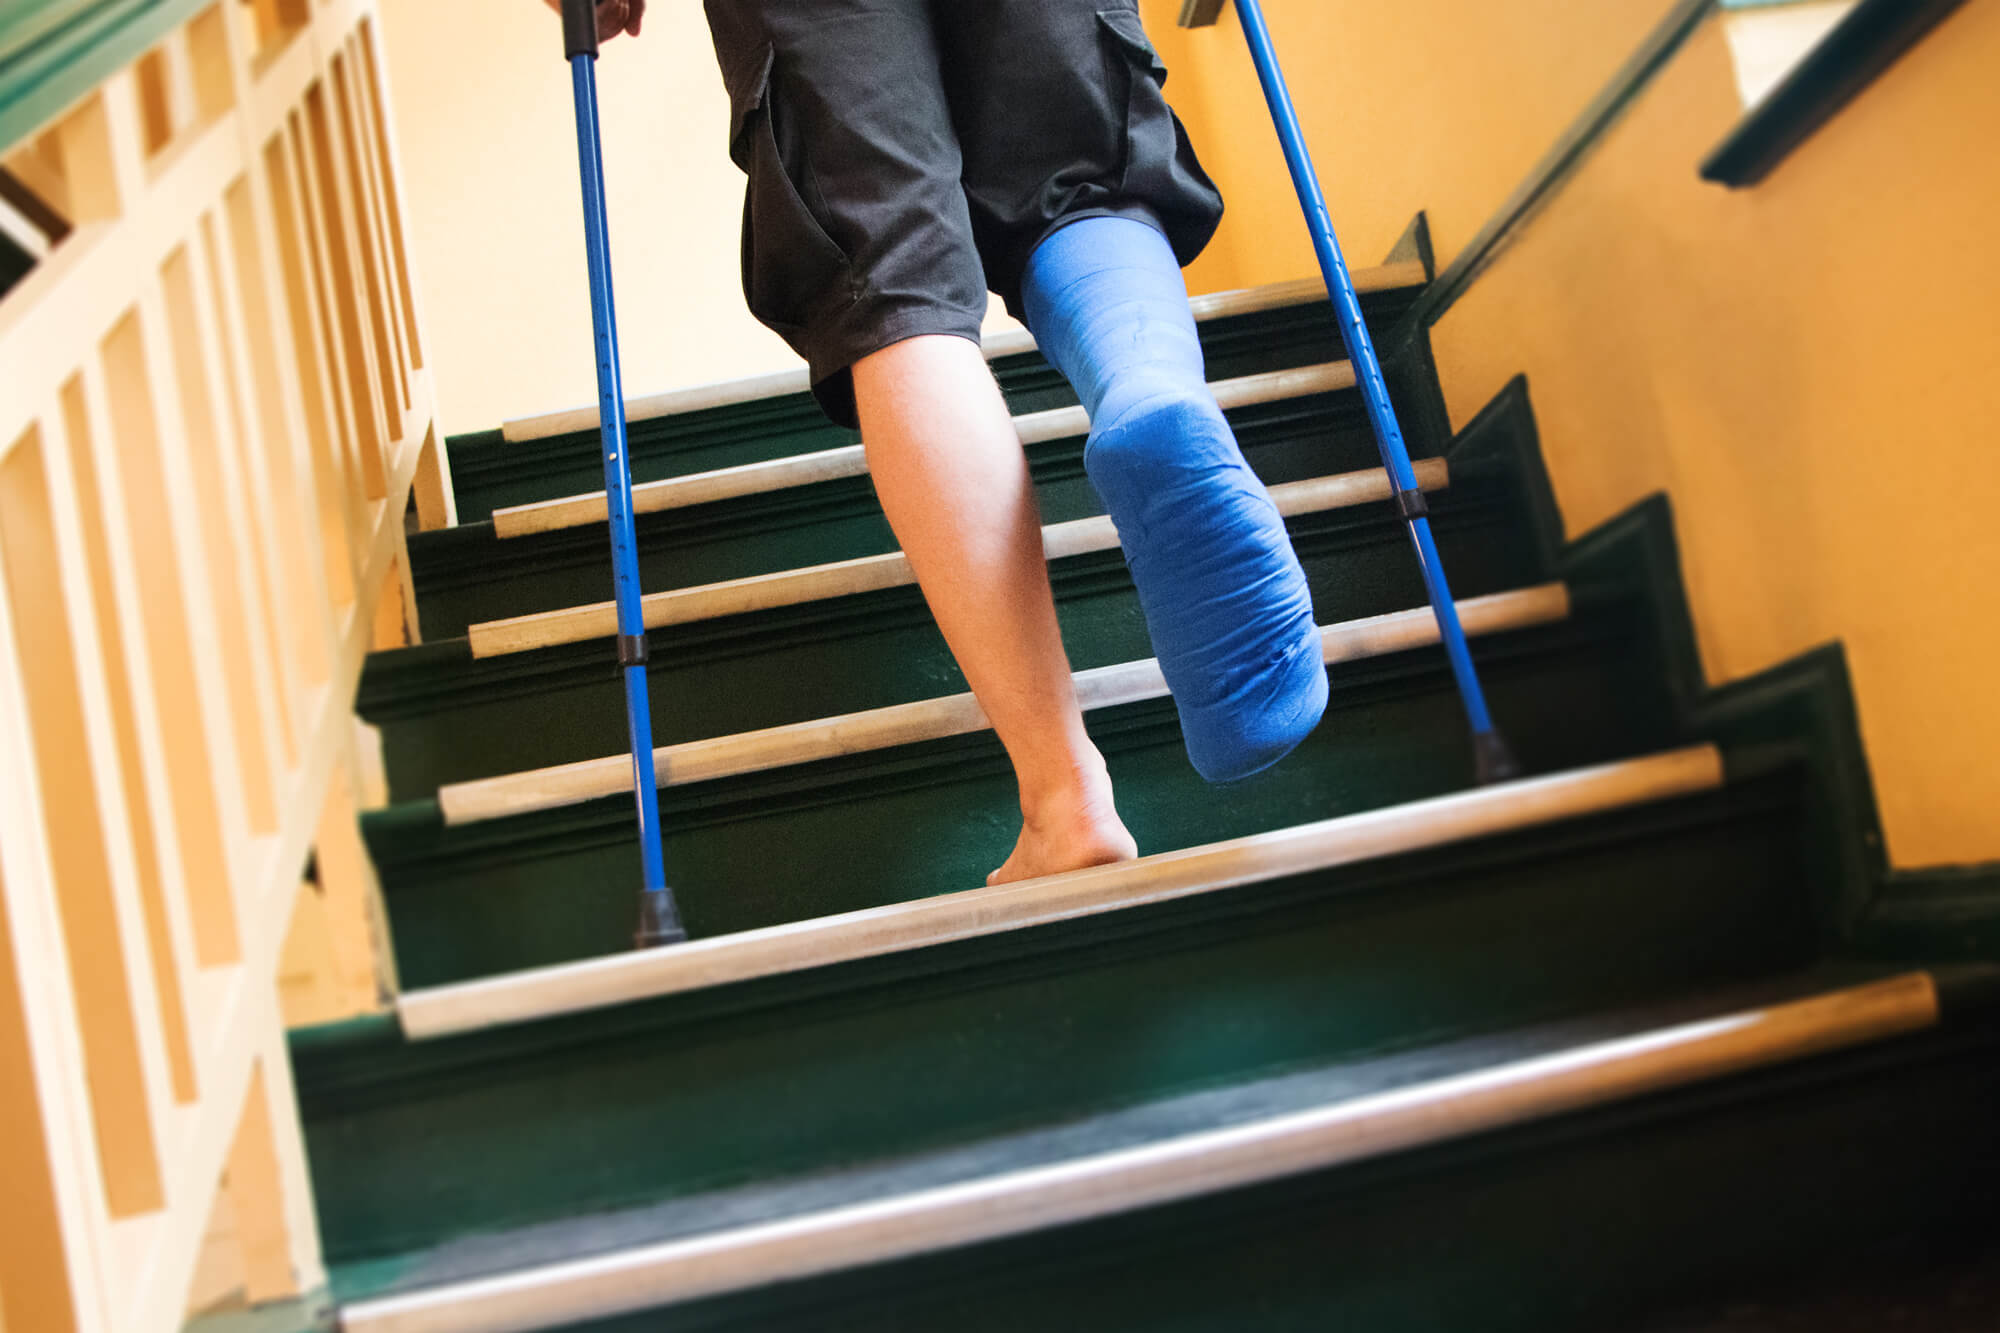 Gehen krücken treppen ohne belastung mit tertmocartu: Treppensteigen